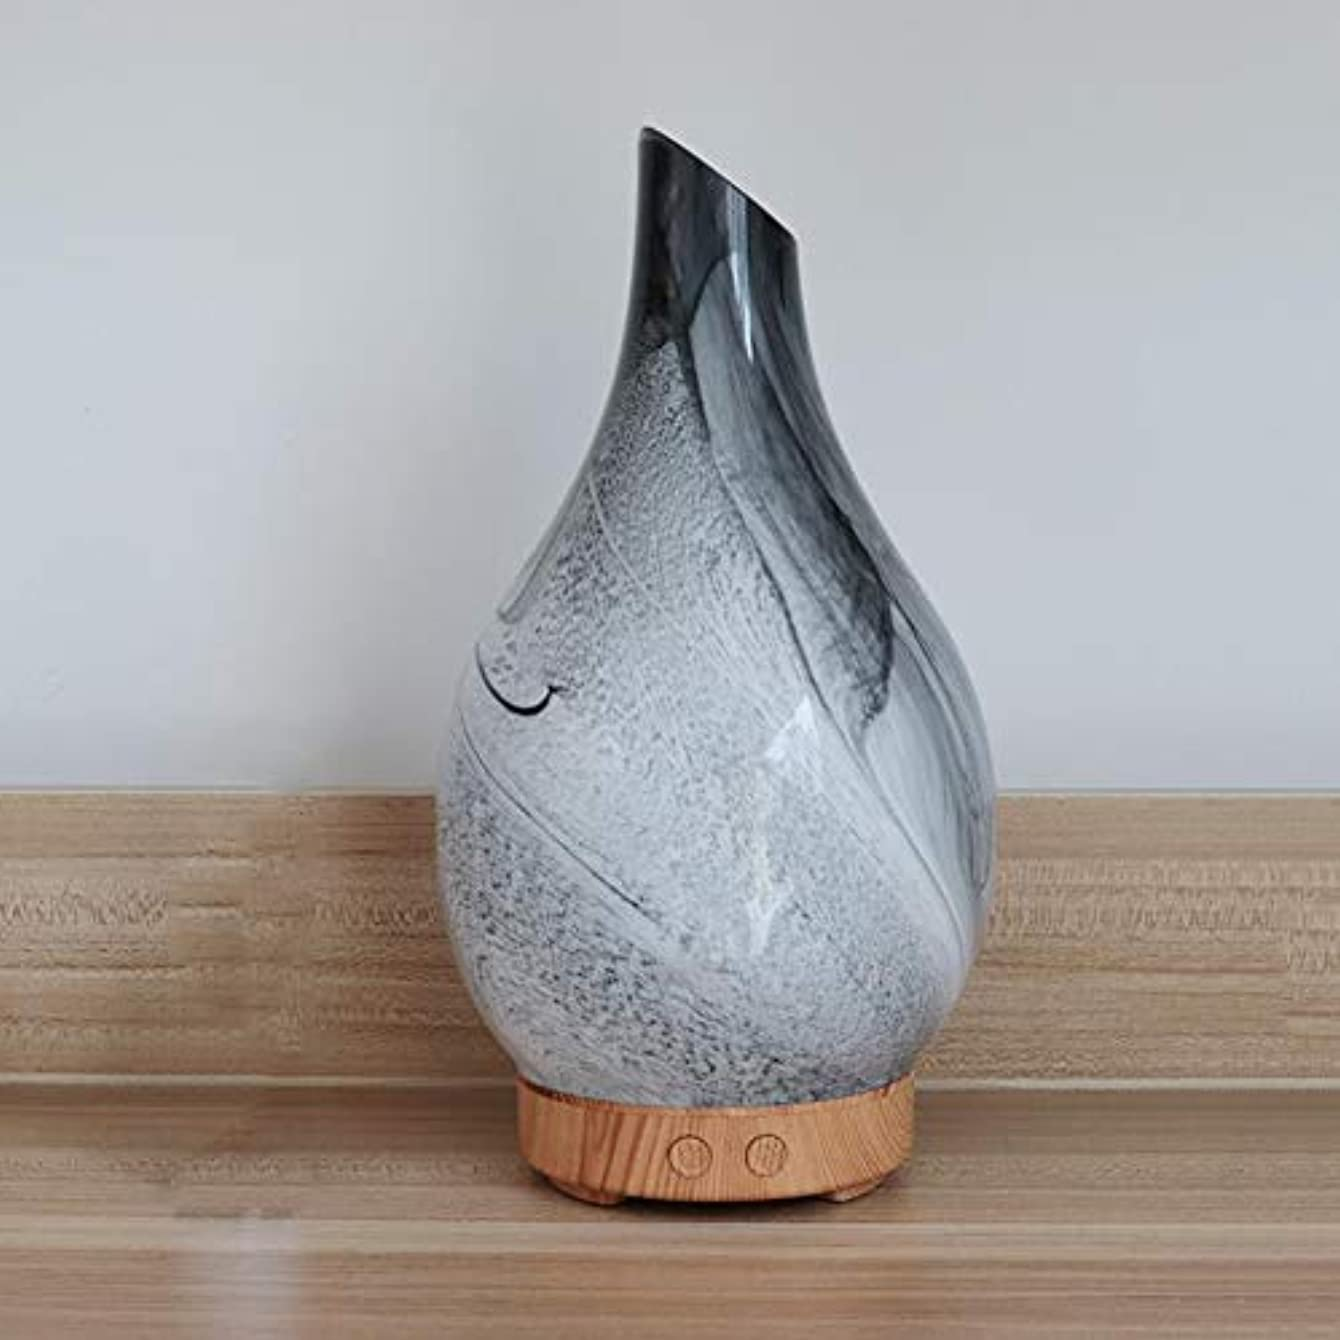 変形する故障葉っぱ花瓶の形 ガラス デスクトップ 加湿器,7 色 美しい 加湿機 アロマ 精油 ディフューザー 涼しい霧 空気を浄化 アロマネブライザー-木材